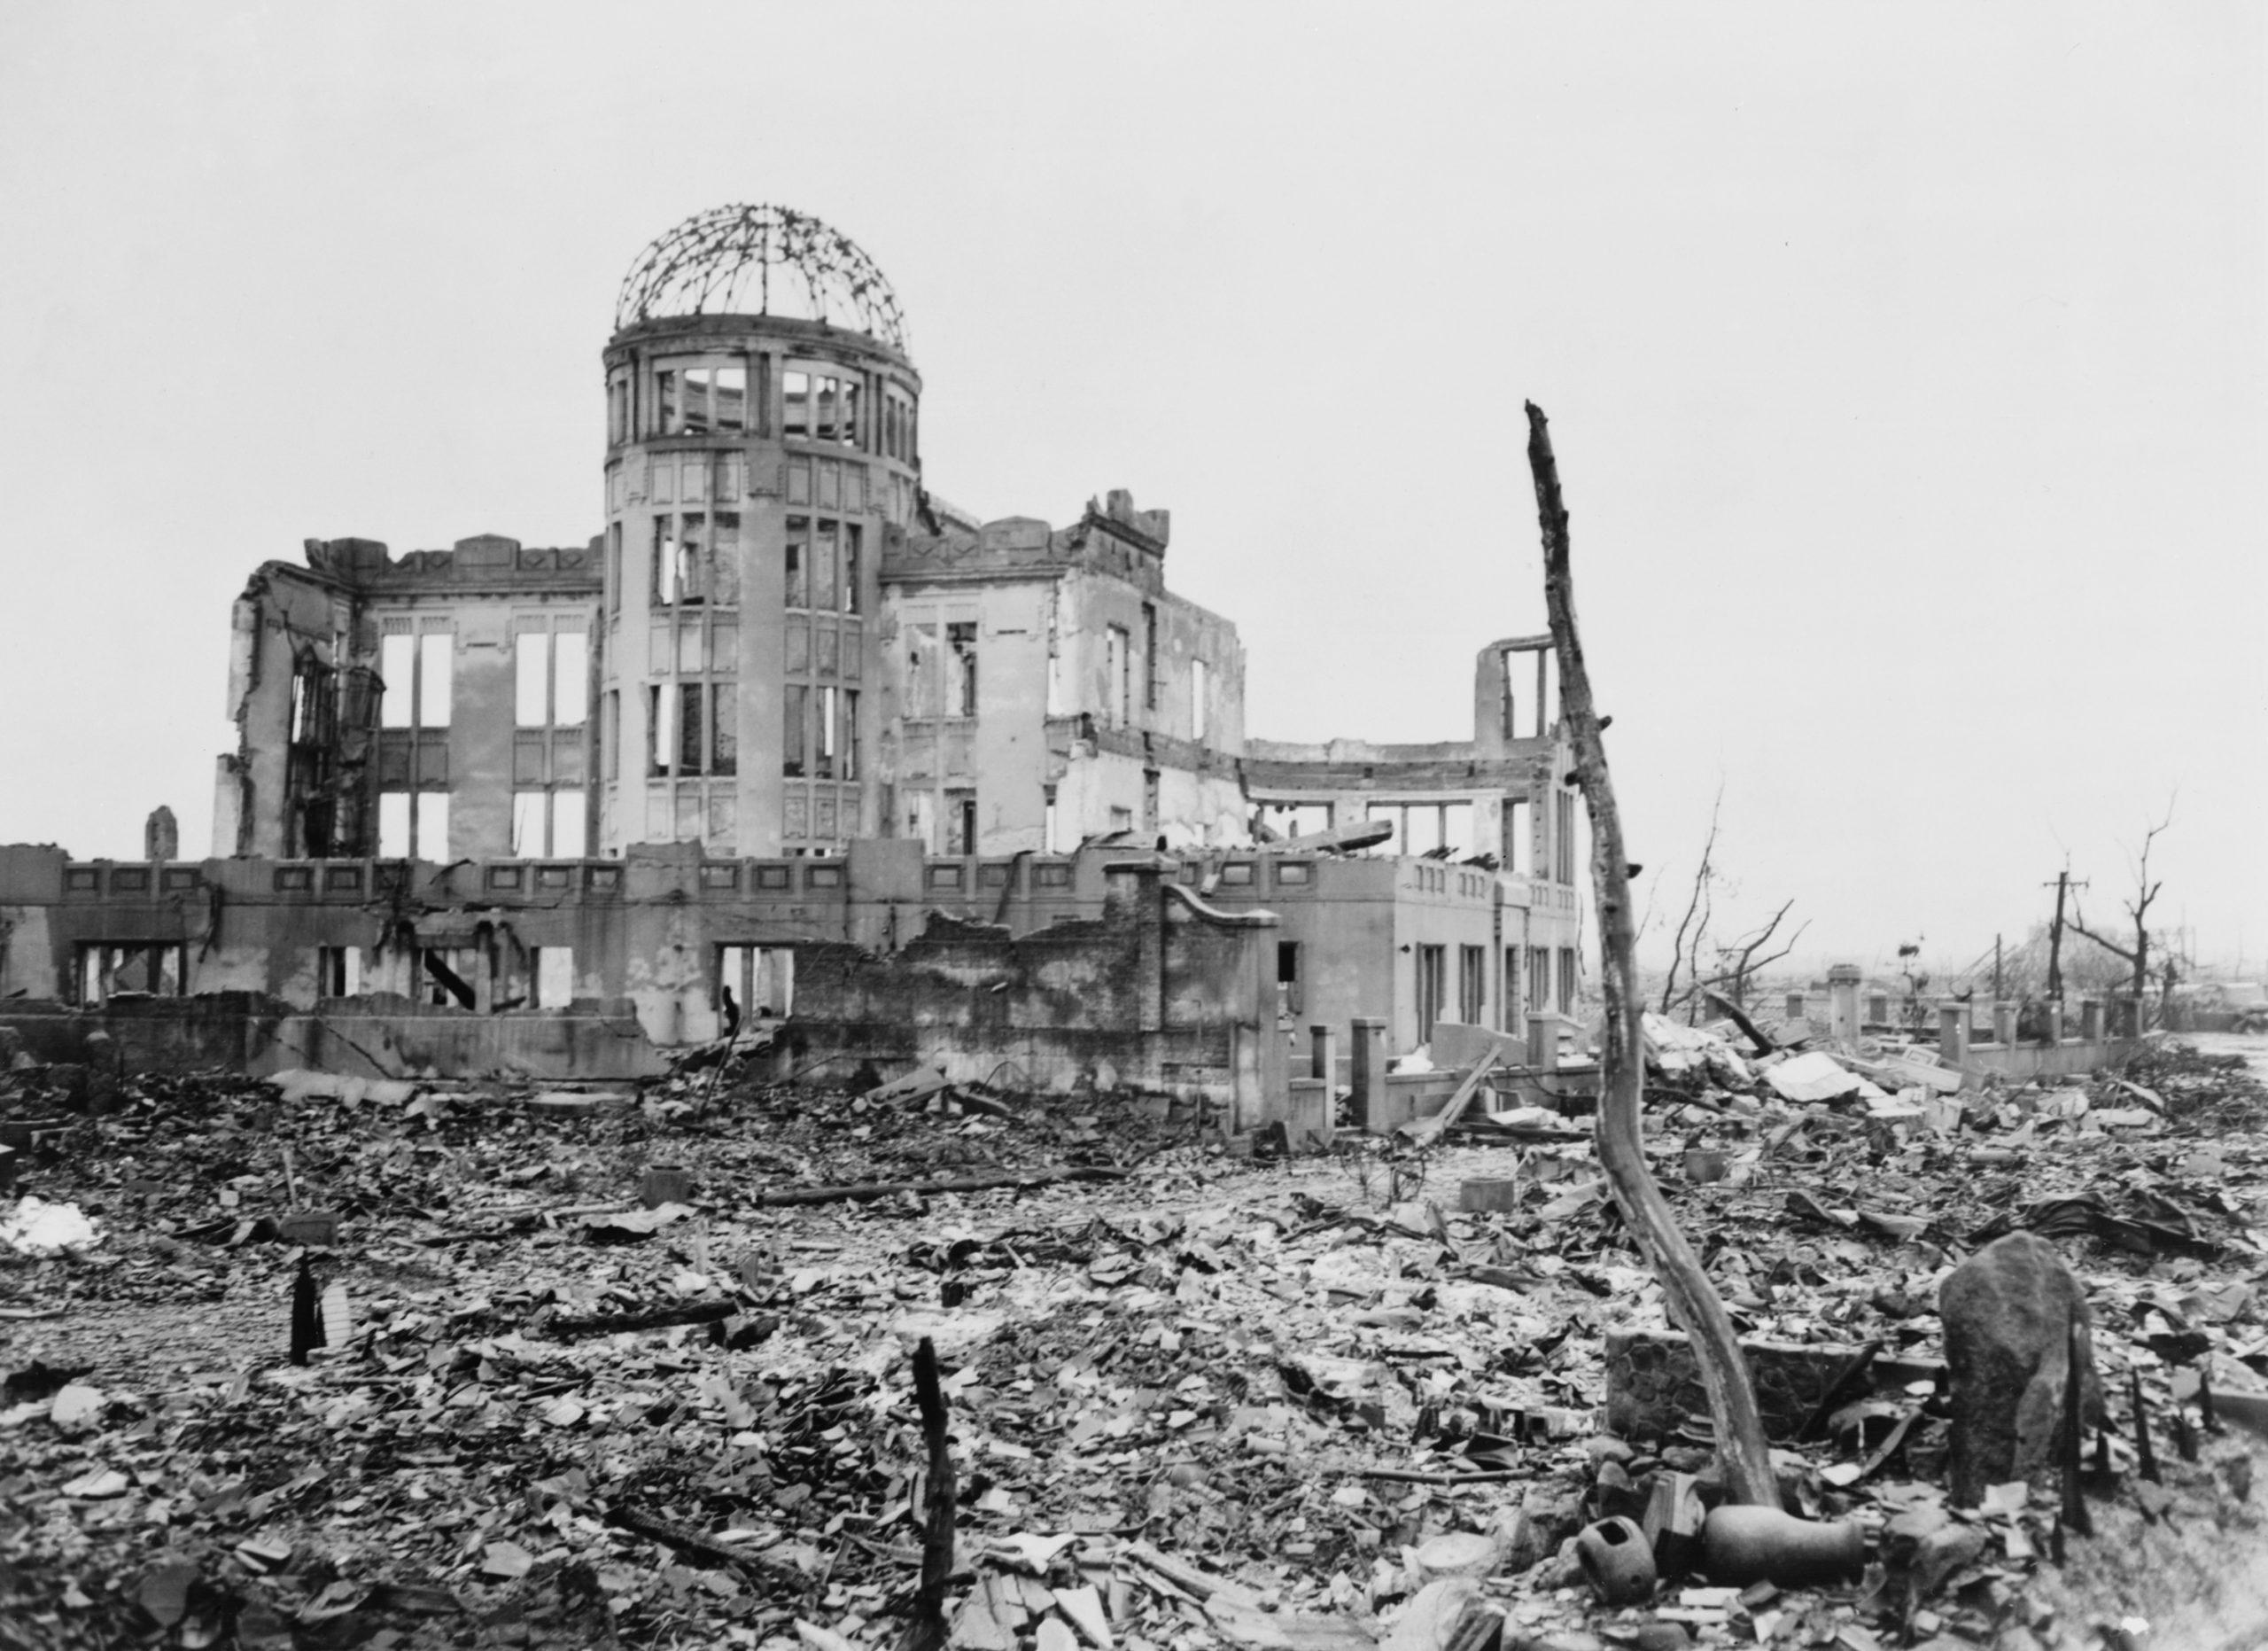 A teacher's tale on surviving the atomic blast in Hiroshima captured on audio